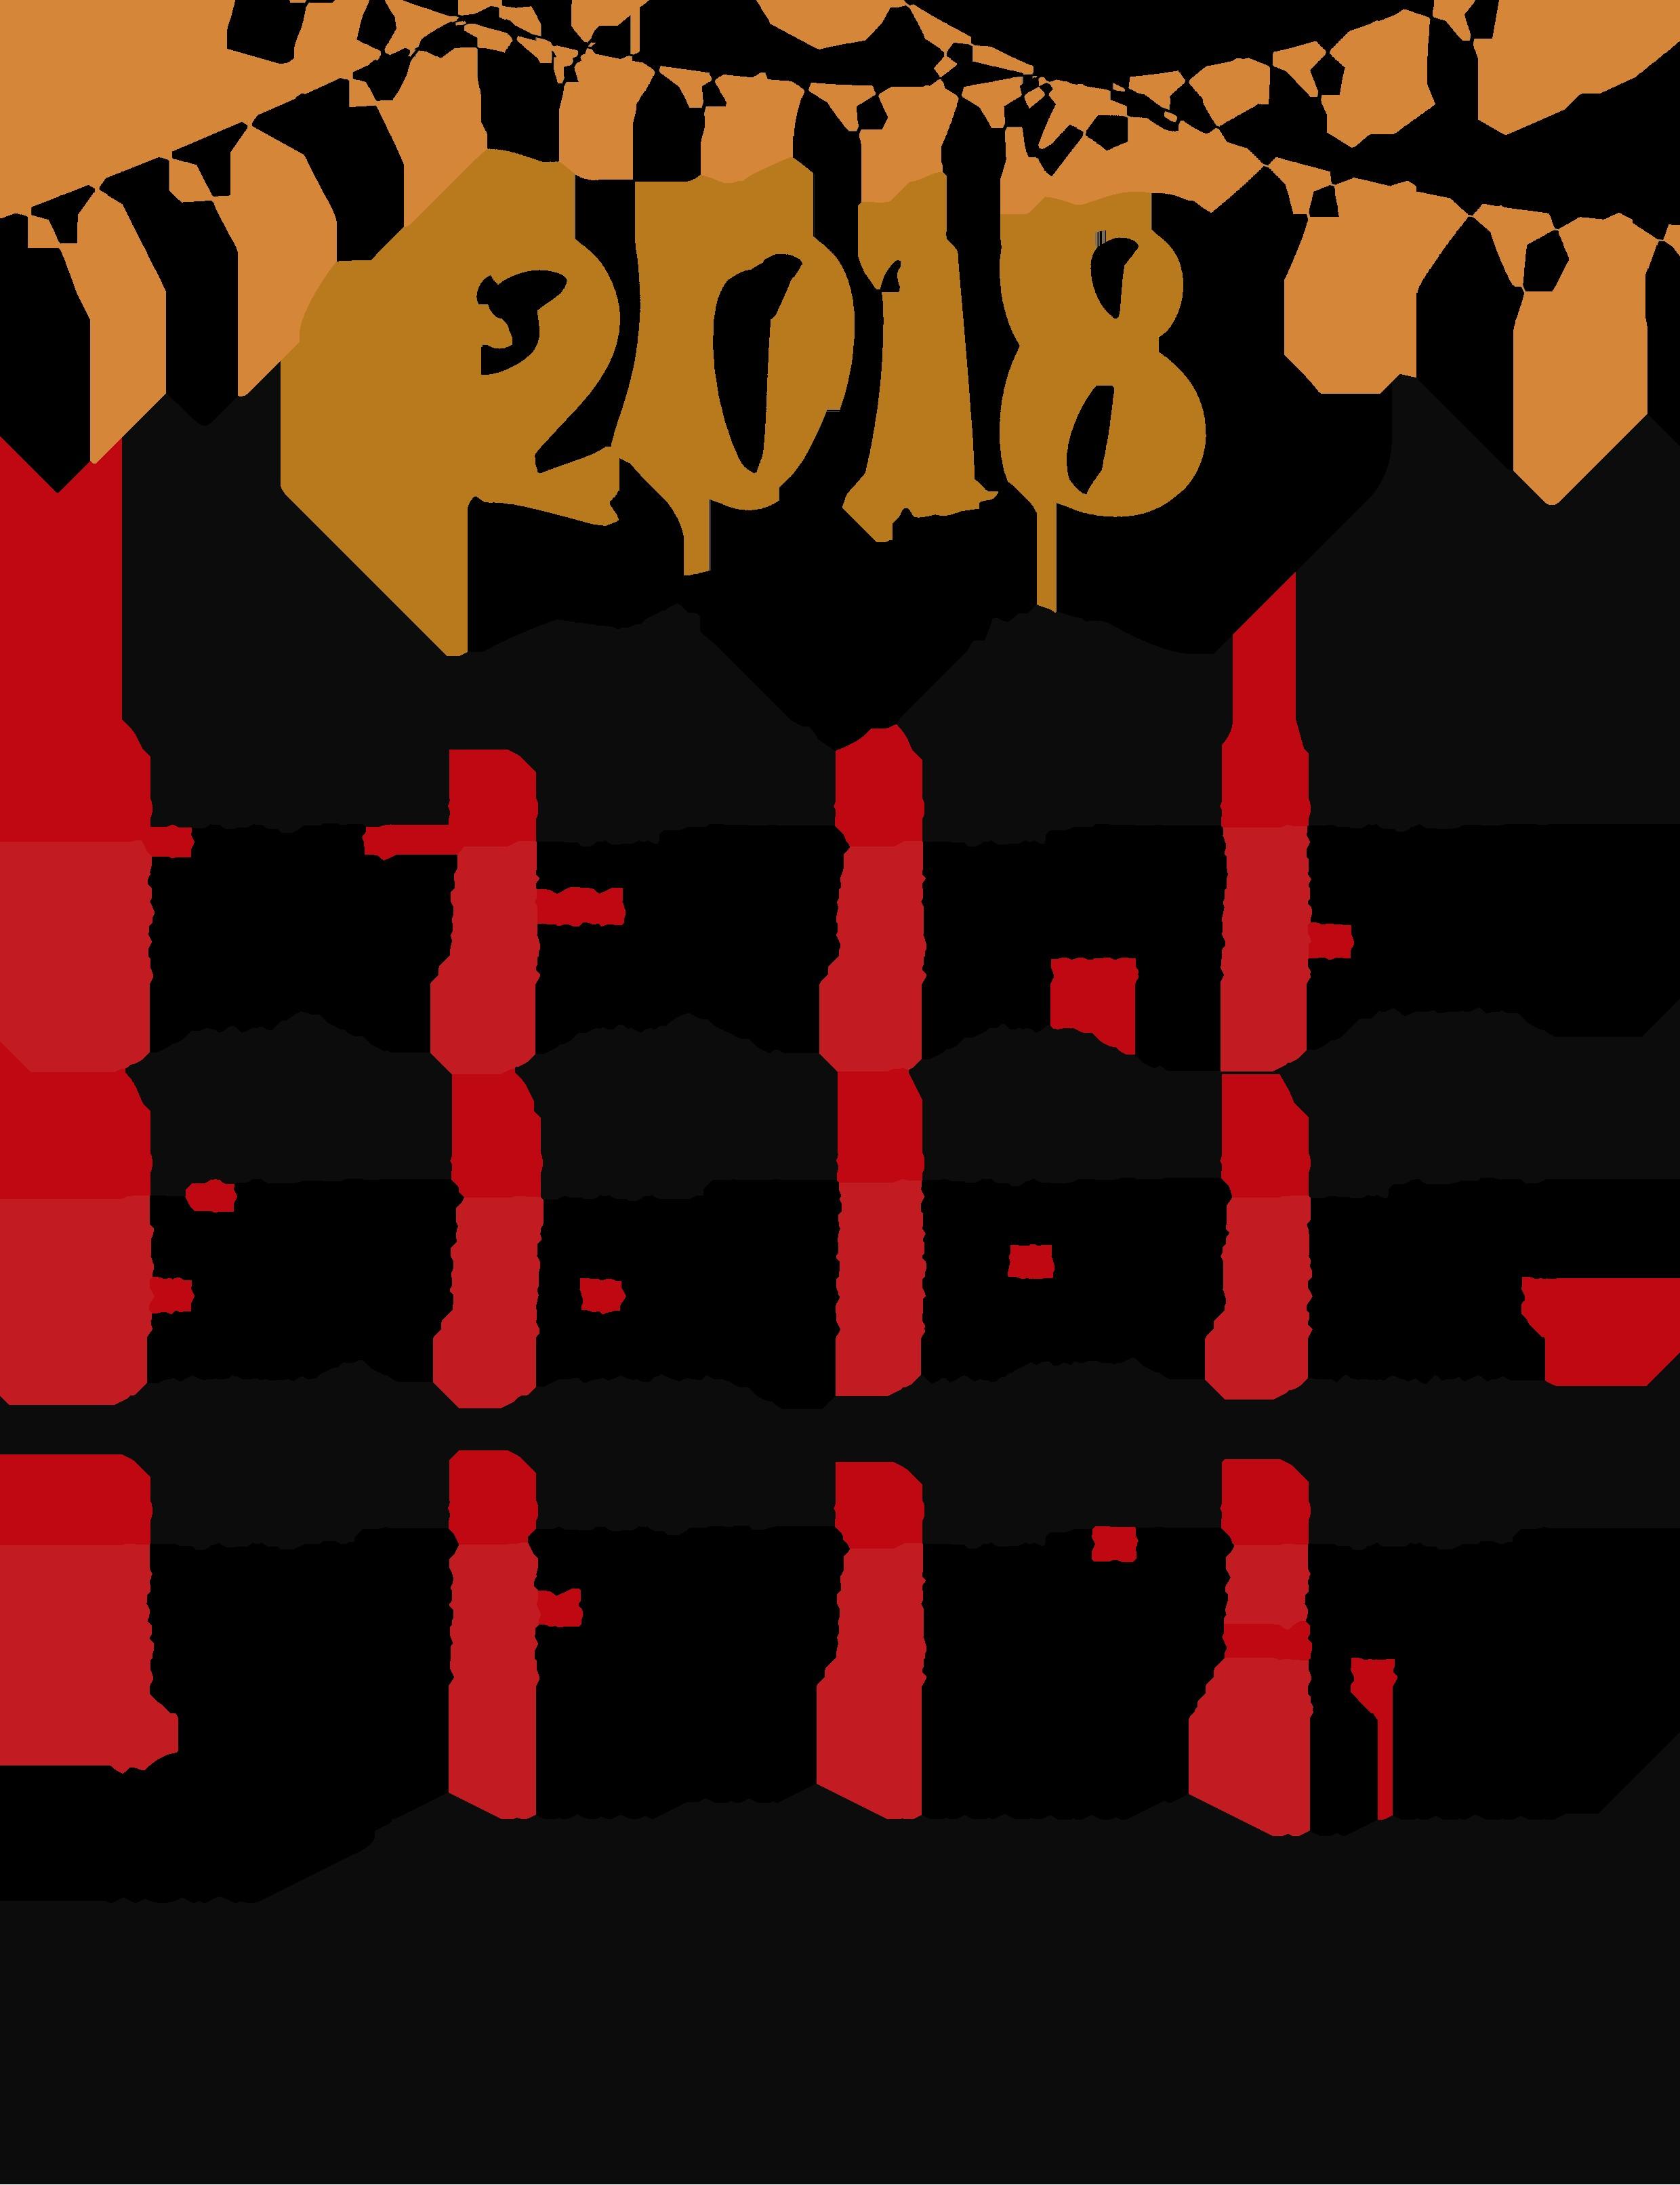 Calendario 2019 Mexico Festivos Más Populares Lief Te Regala Este Calendario 2018 Para Imprimir Y Decorar Tu Hogar